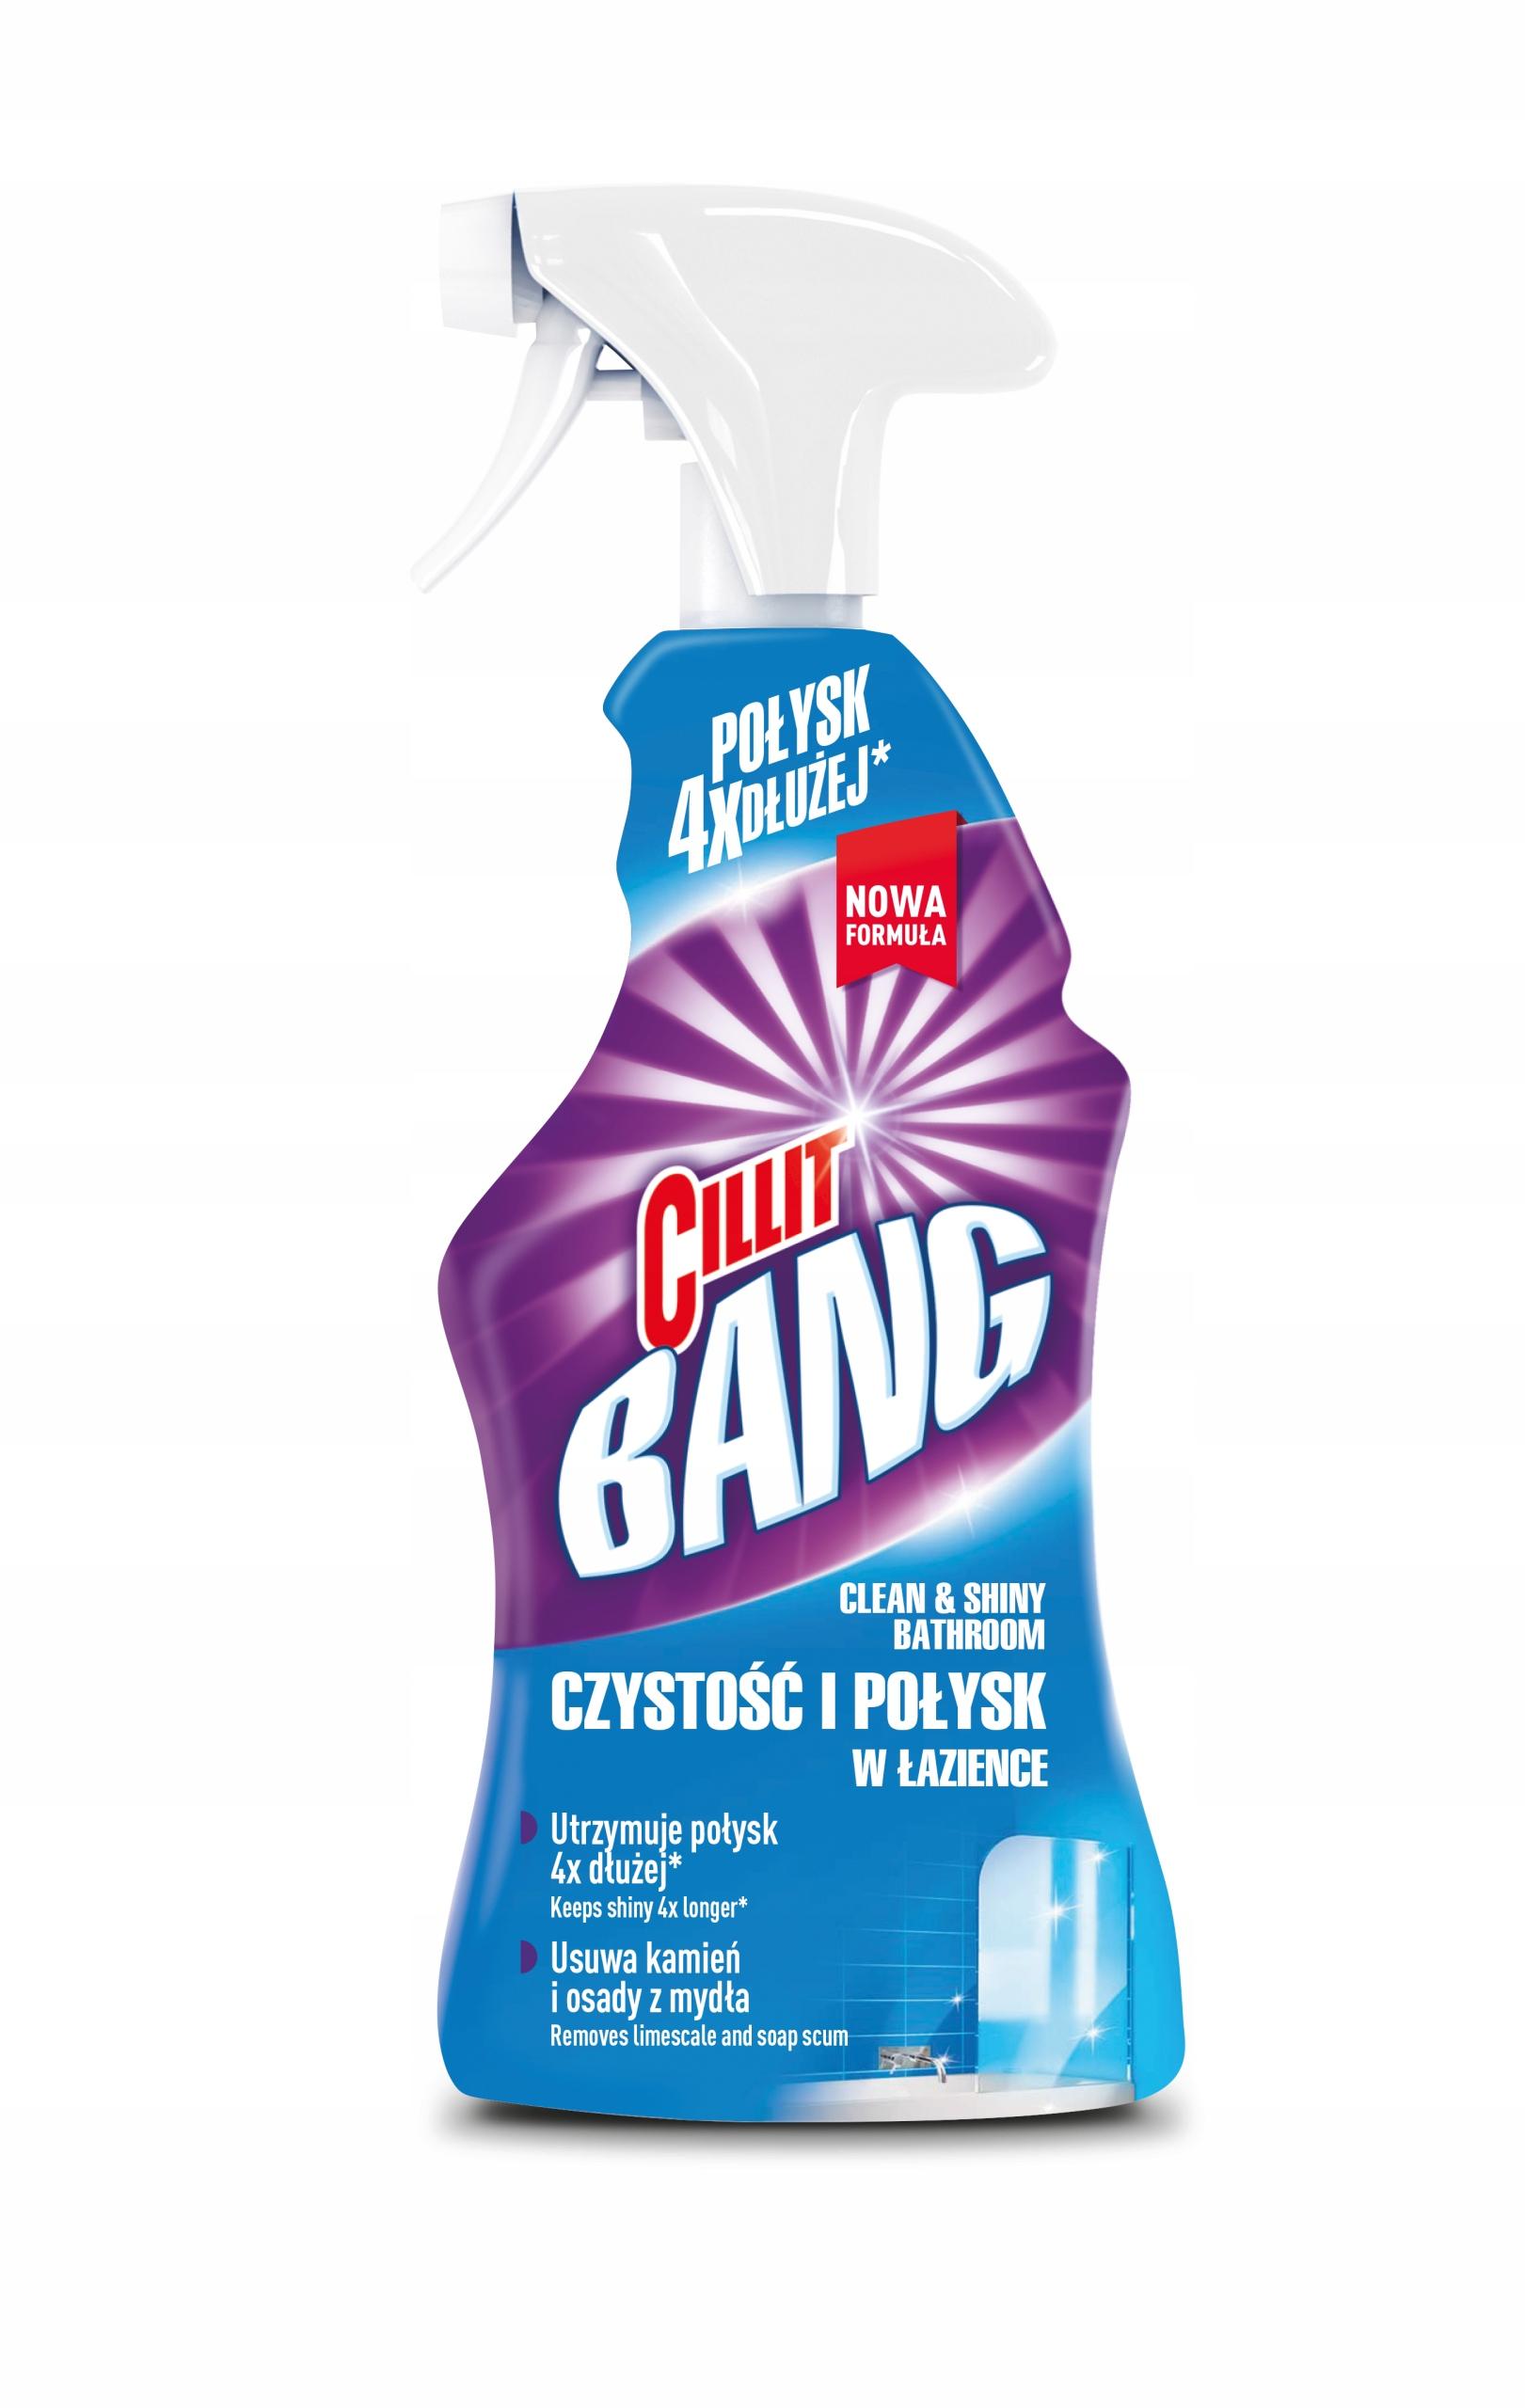 Cillit Bang чистящие жидкости Набор XL 6 шт тип очистки многофункциональный